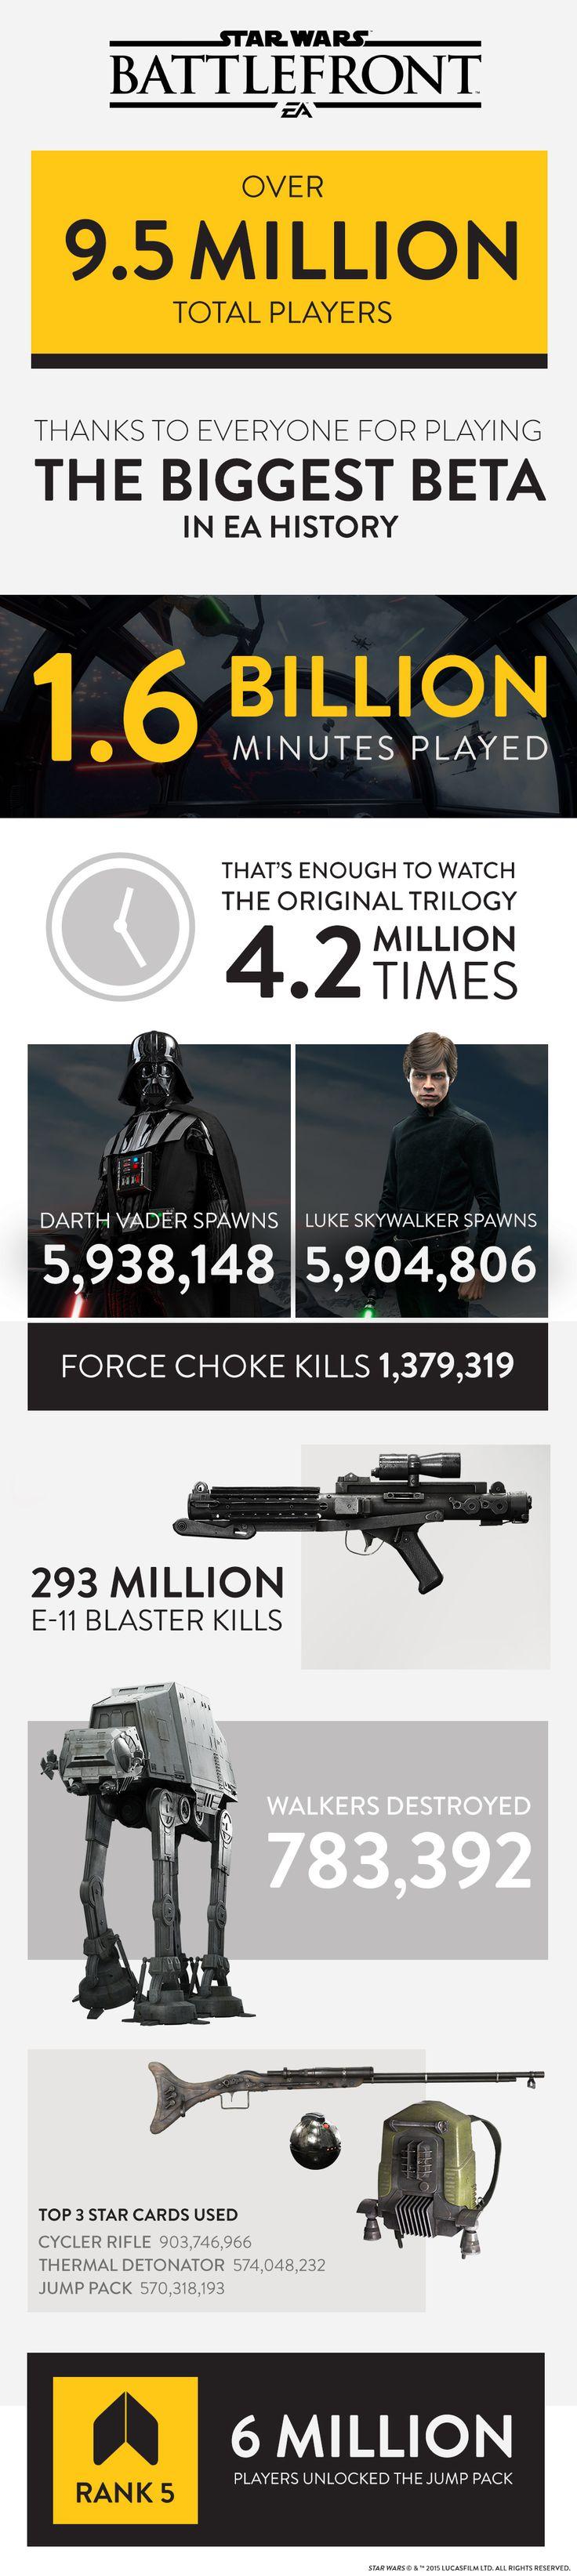 star wars battlefront info graphic